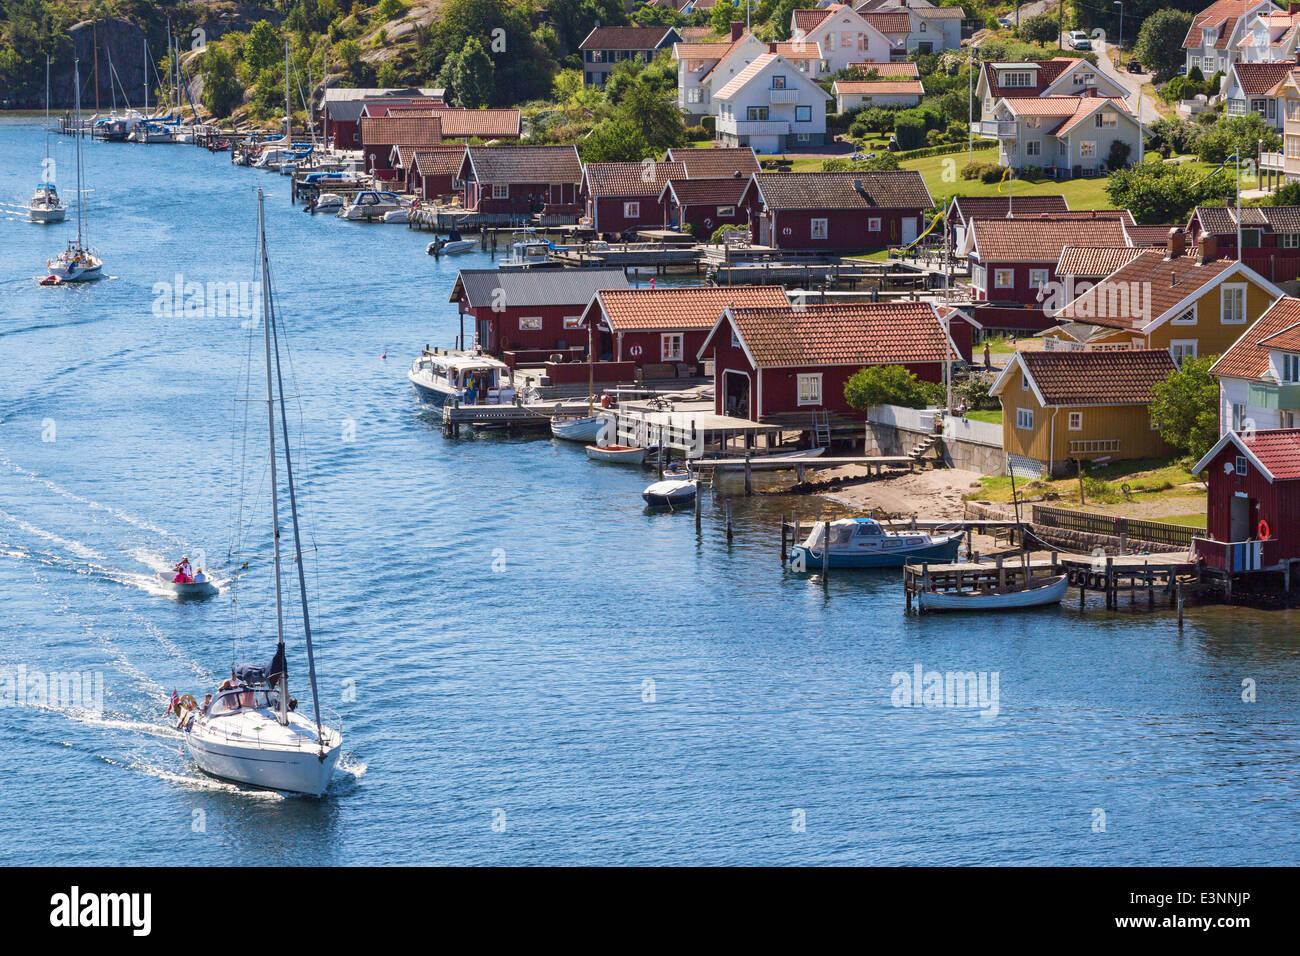 Blick auf eines alten Fischerdorfes Hamburgersund an der schwedischen Westküste Stockbild